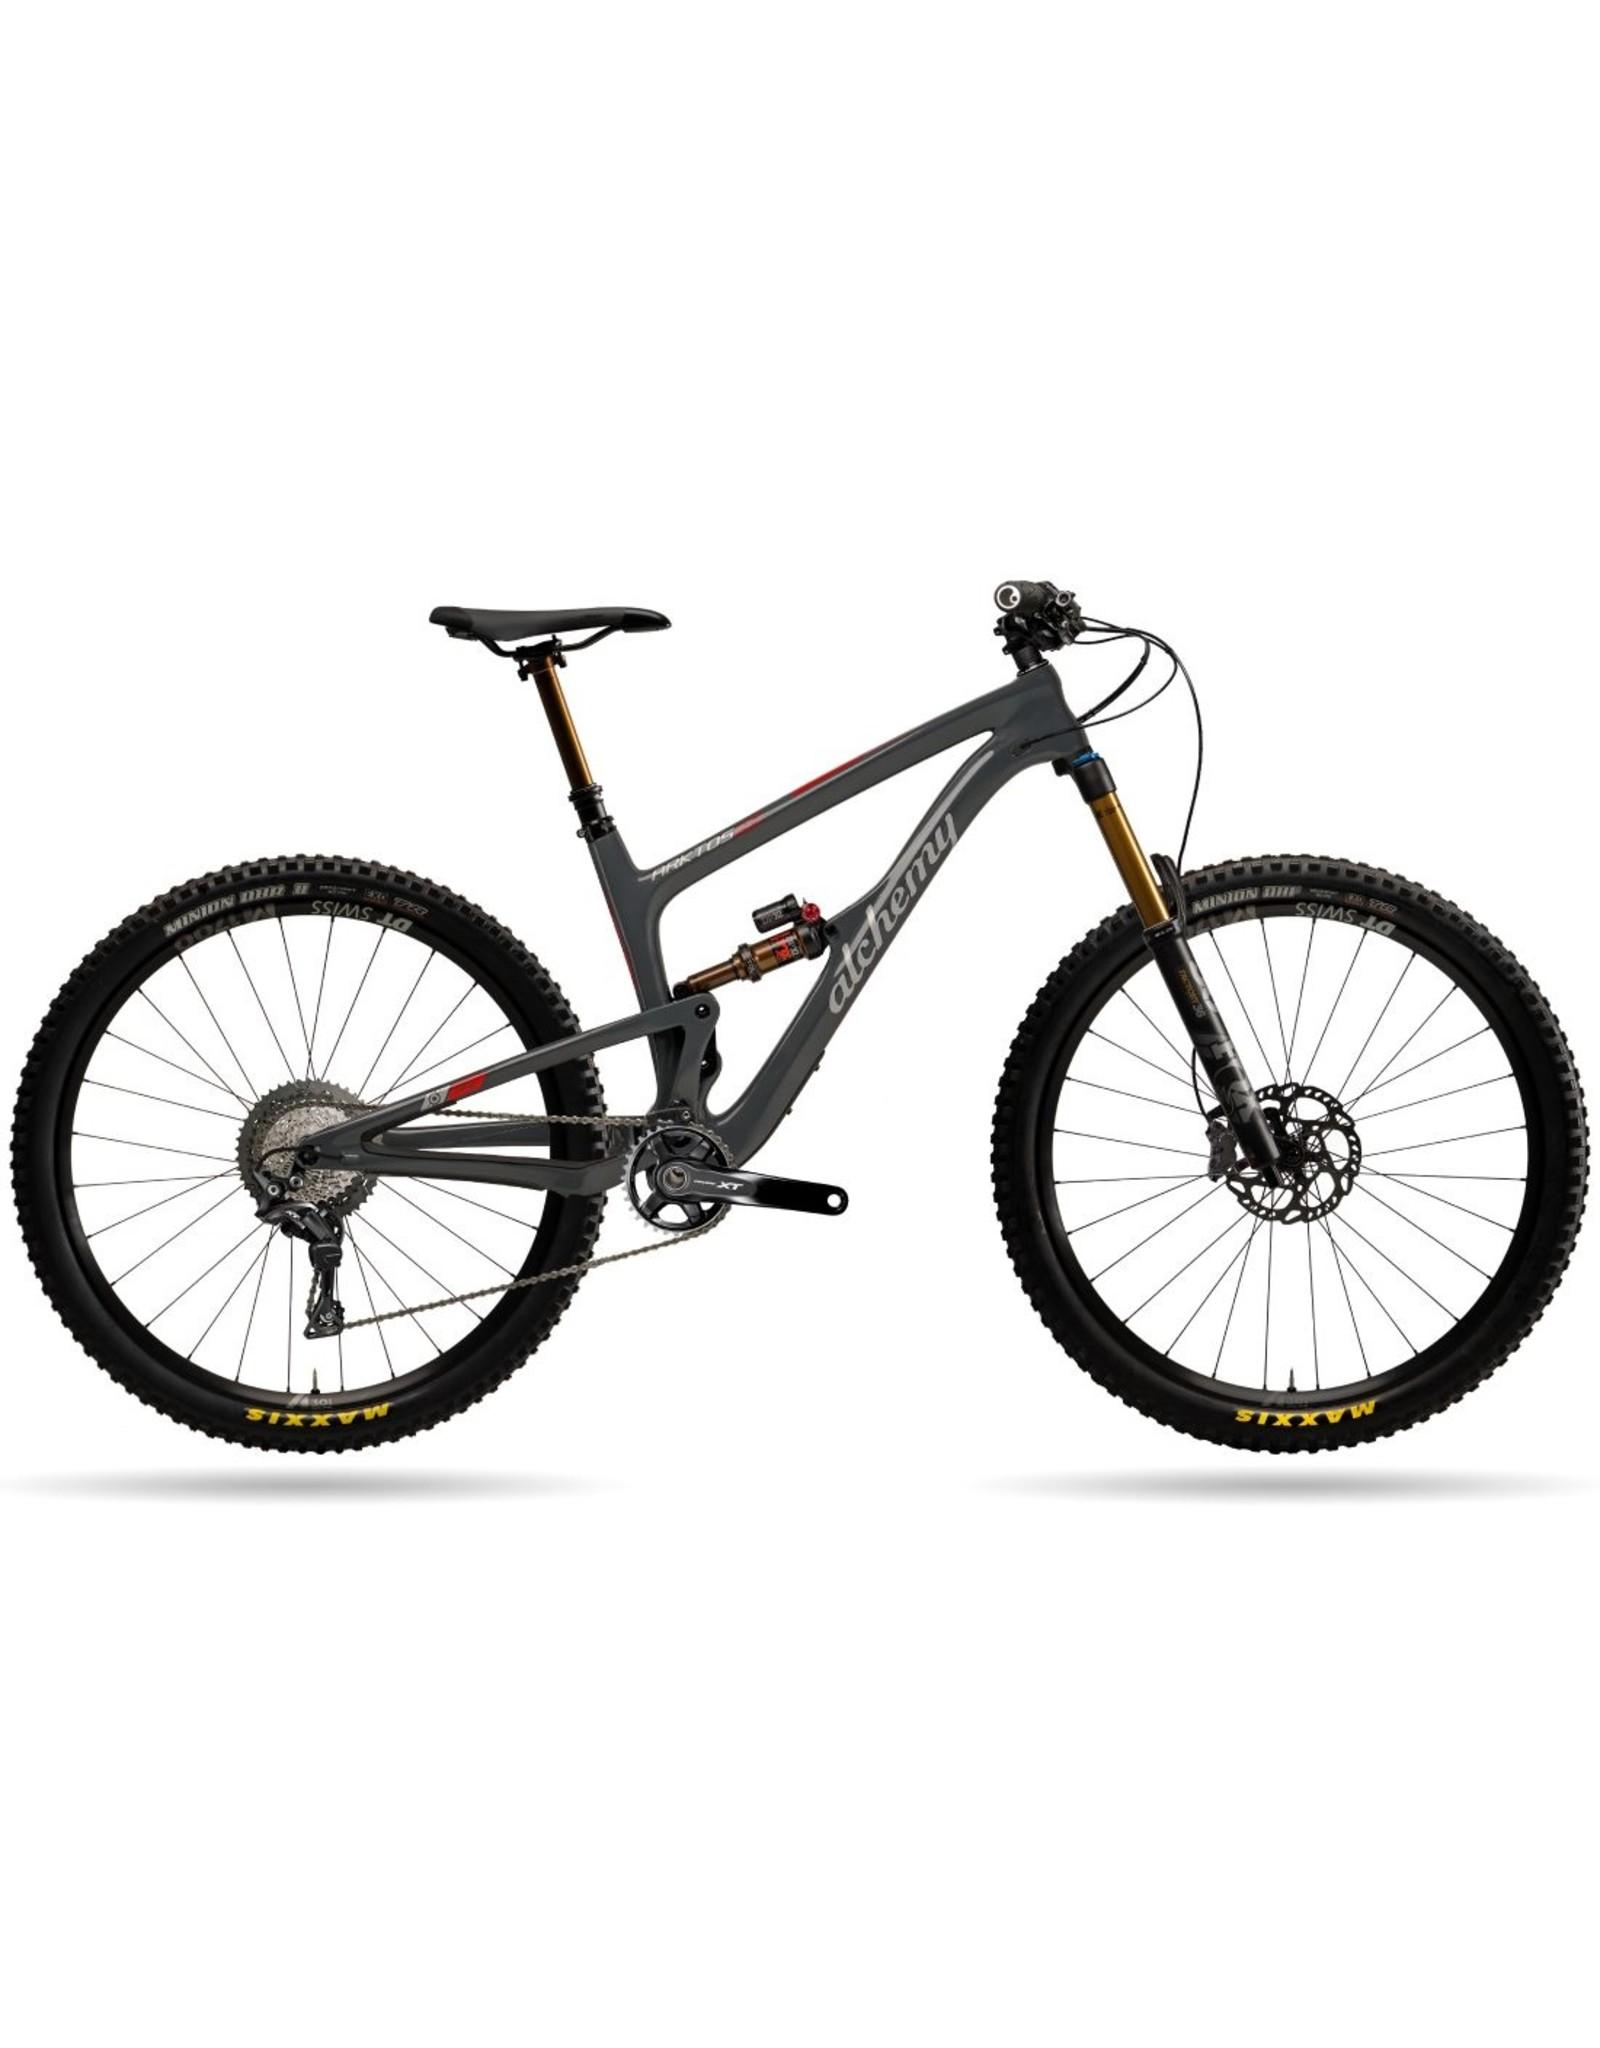 Alchemy Bicycle Works Alchemy Arktos 29 Grey/Red Small XT 11spd Bike